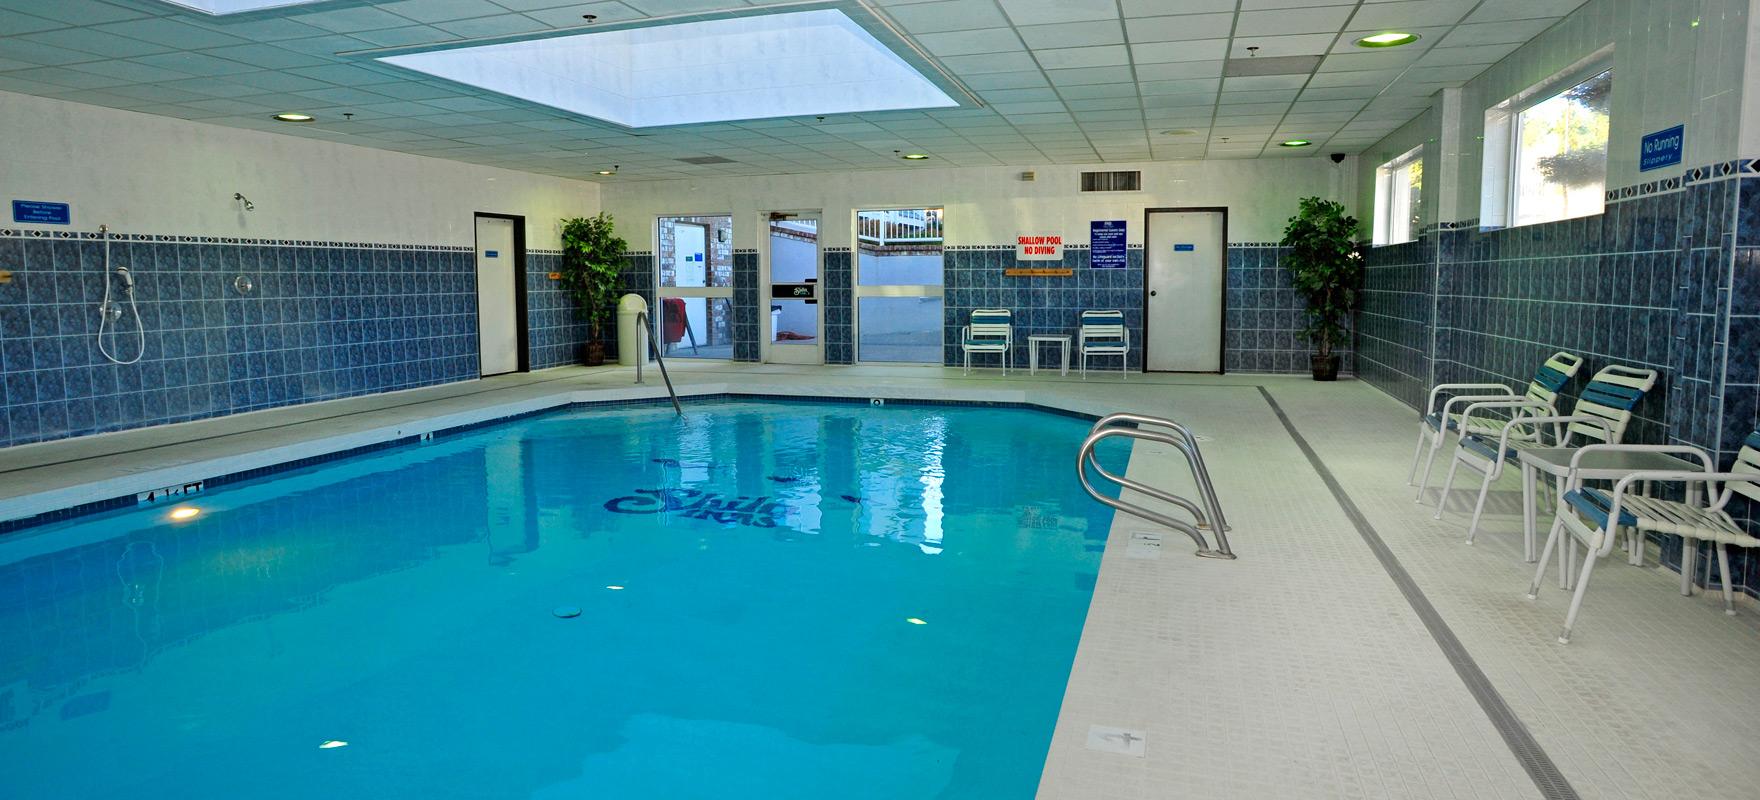 Shilo Inns Suites Hotels - The Dalles | Oregon